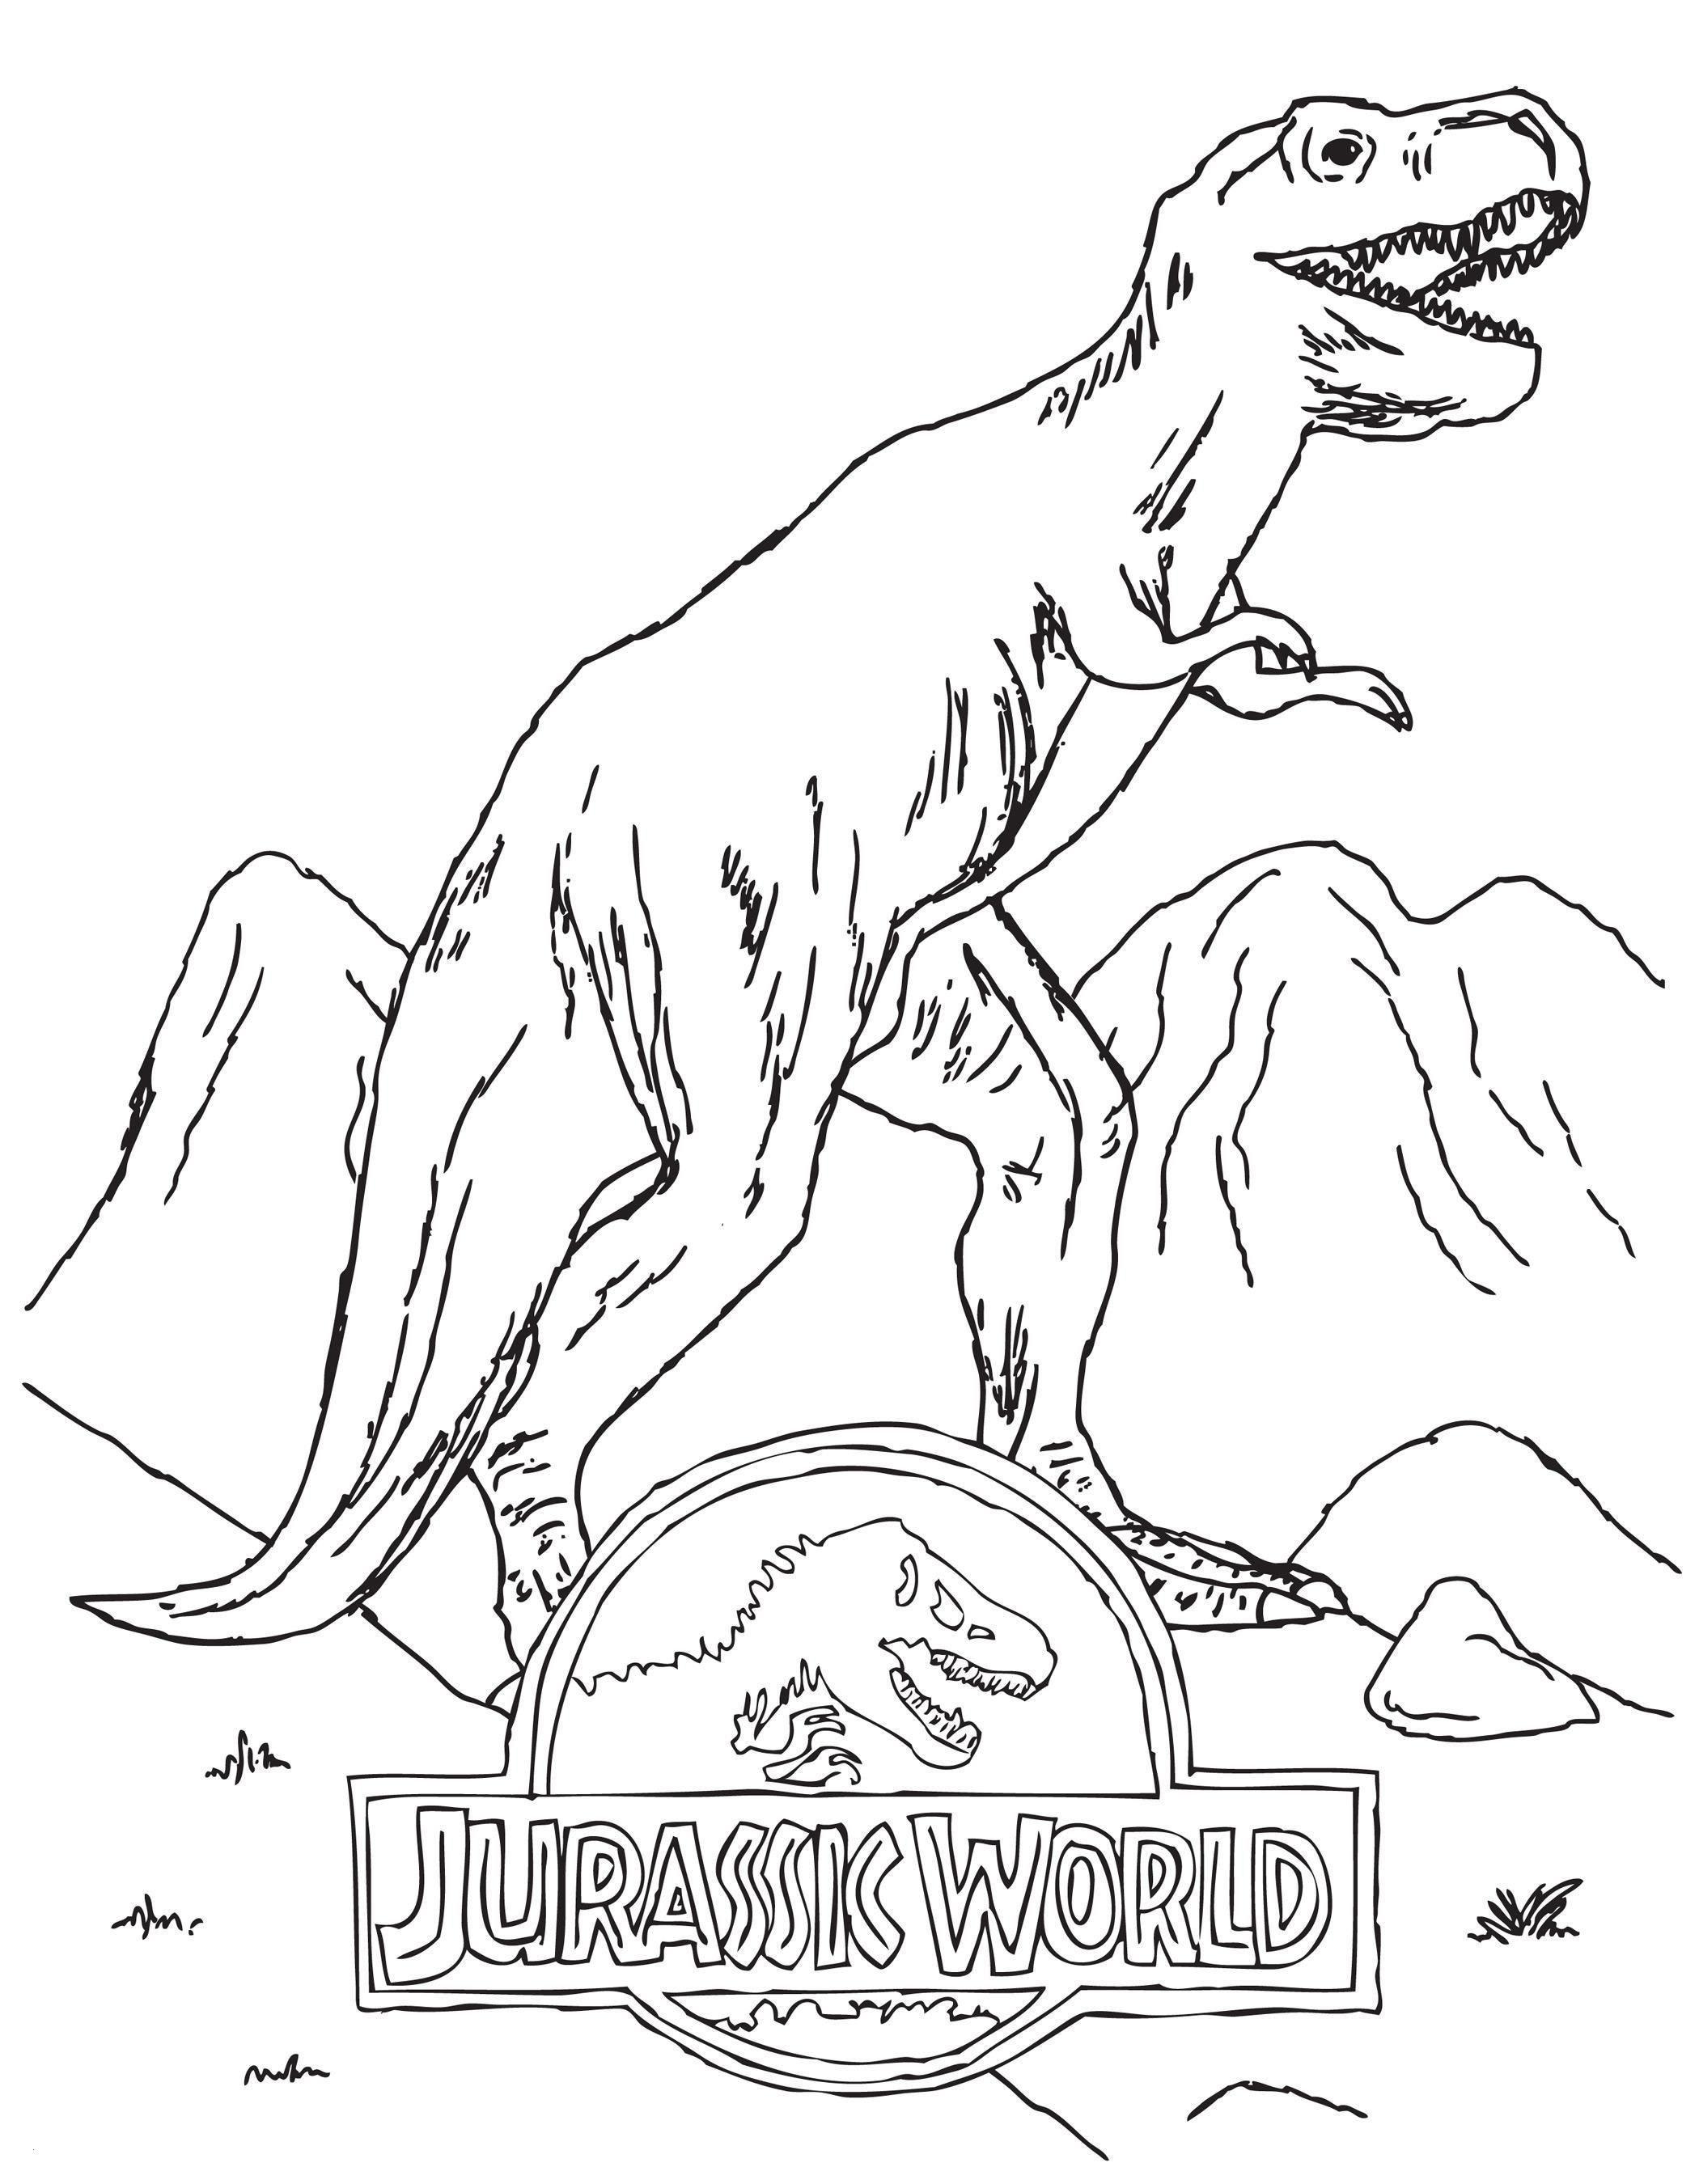 Jurassic World Ausmalbilder Genial Ausmalbilder Jurassic World Schön Spinosaurus Ausmalbilder – Neu Bild